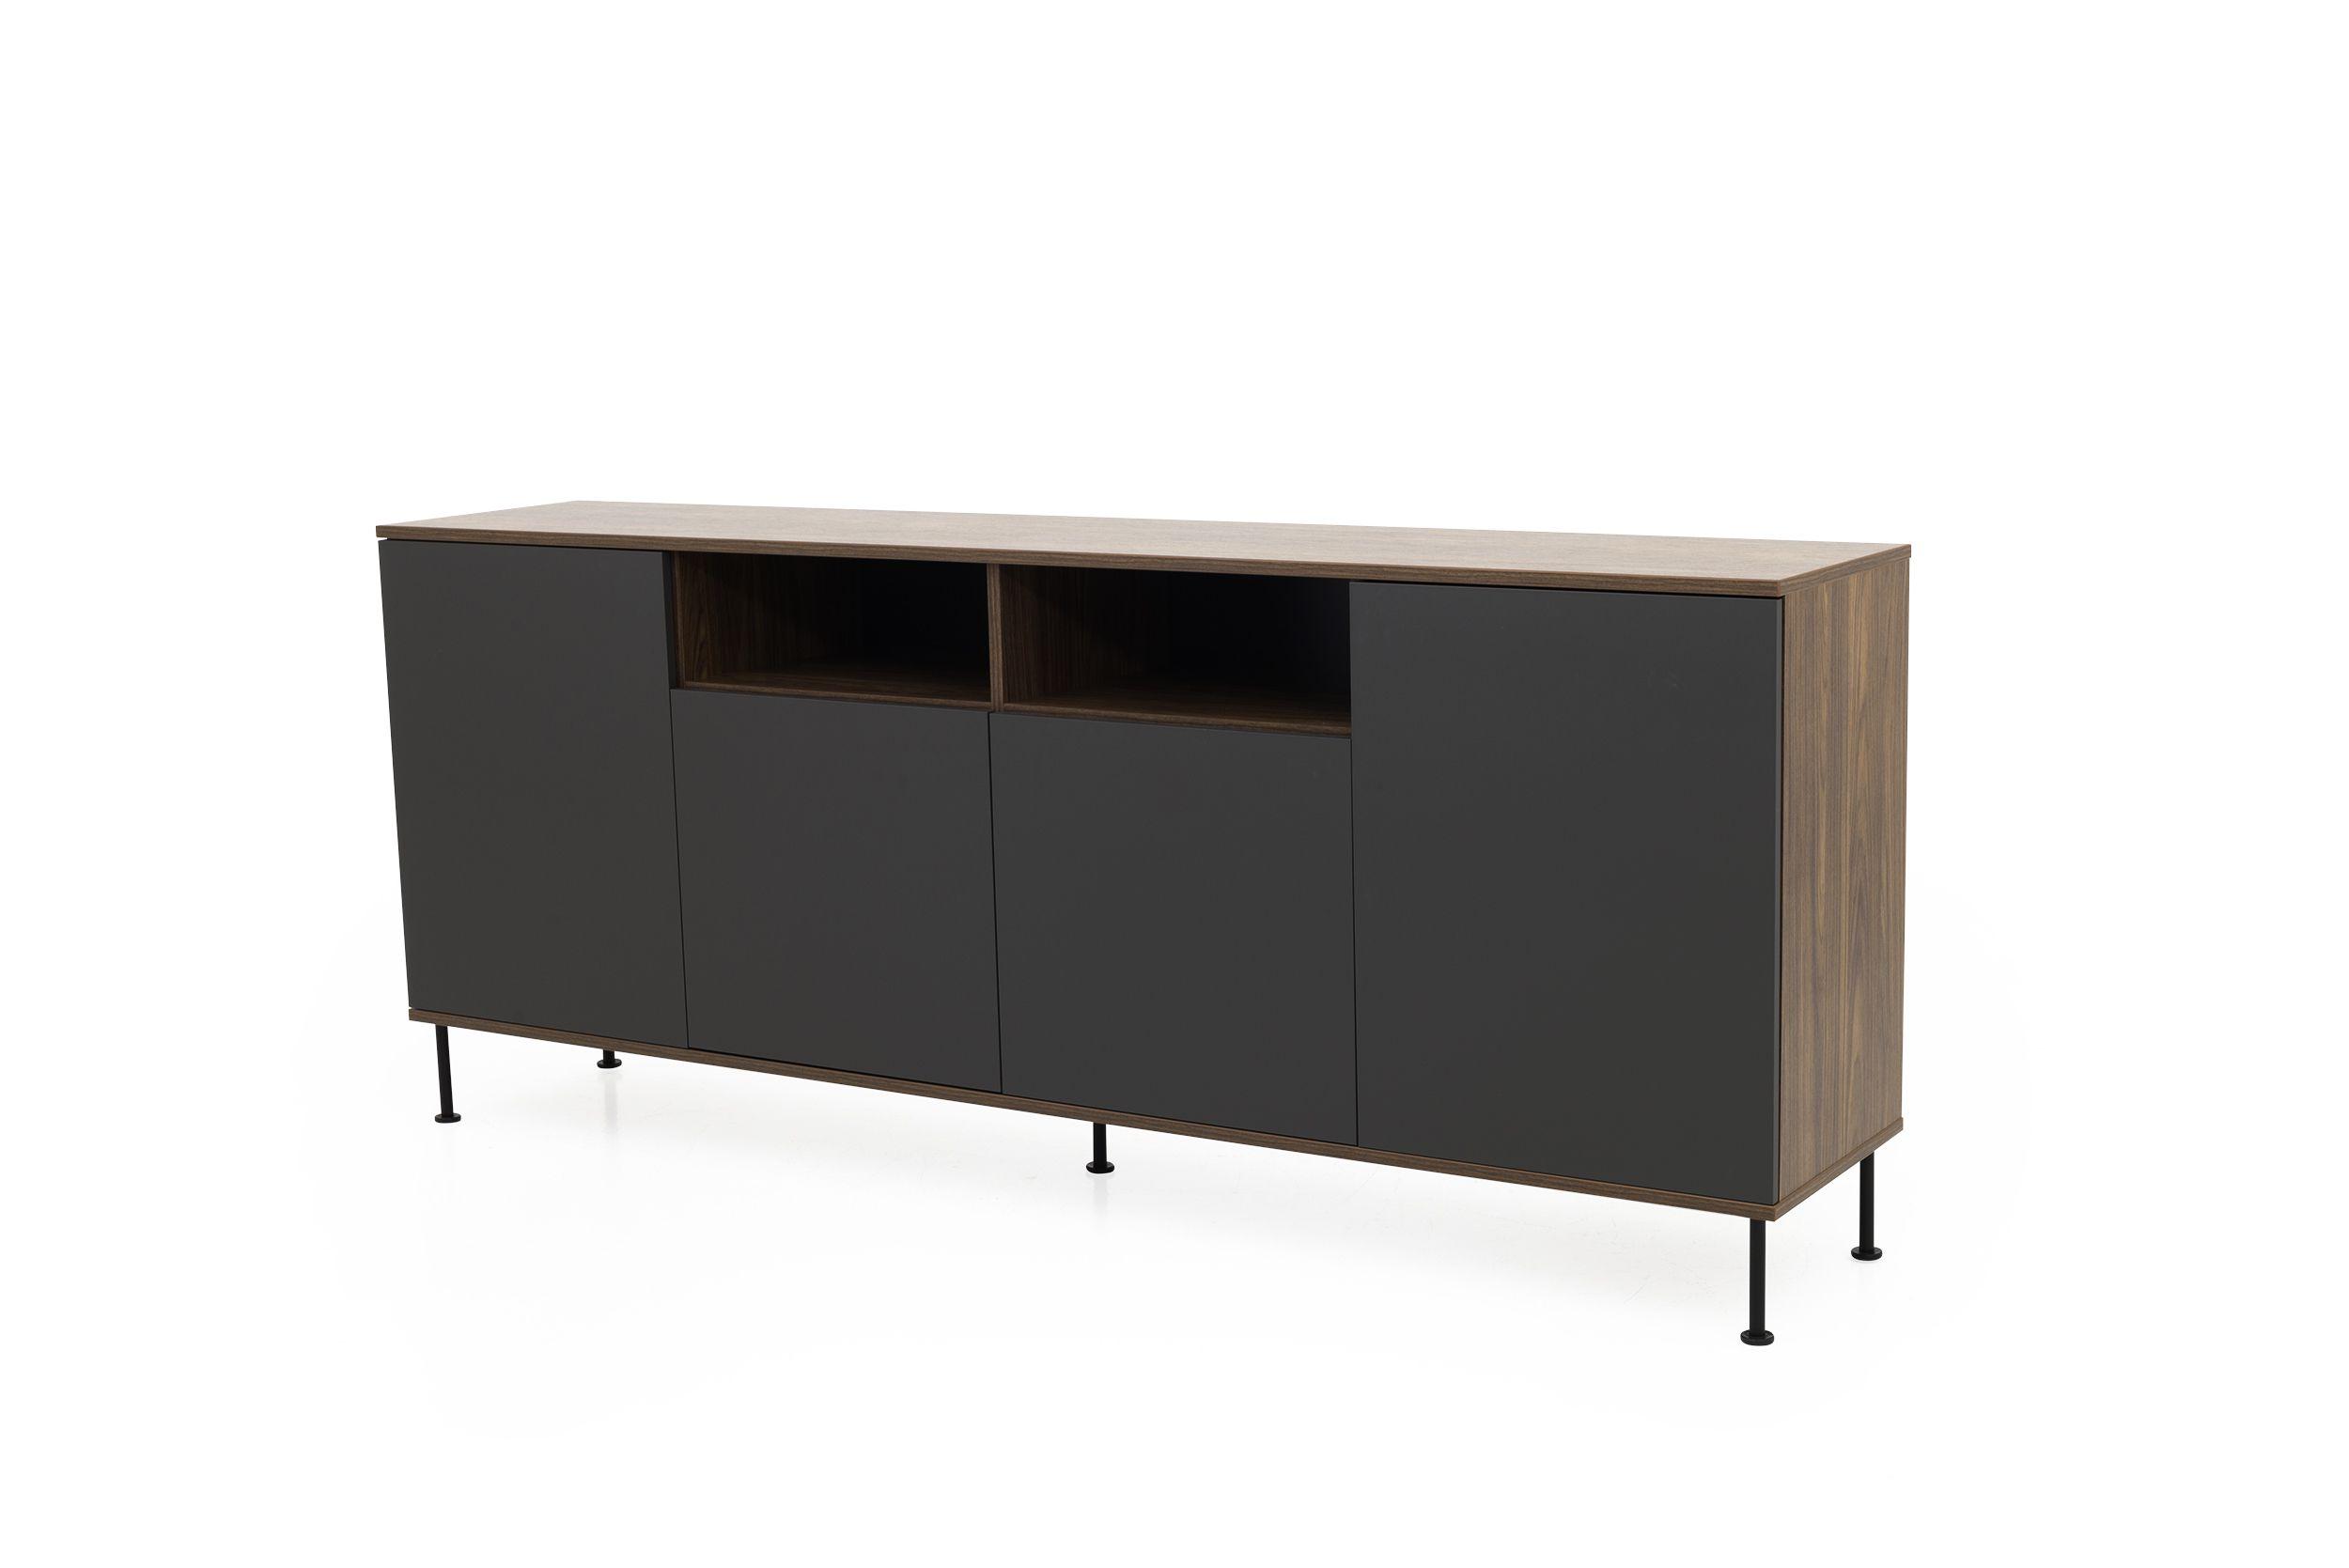 boliden-daxx-groot-dressoir-5